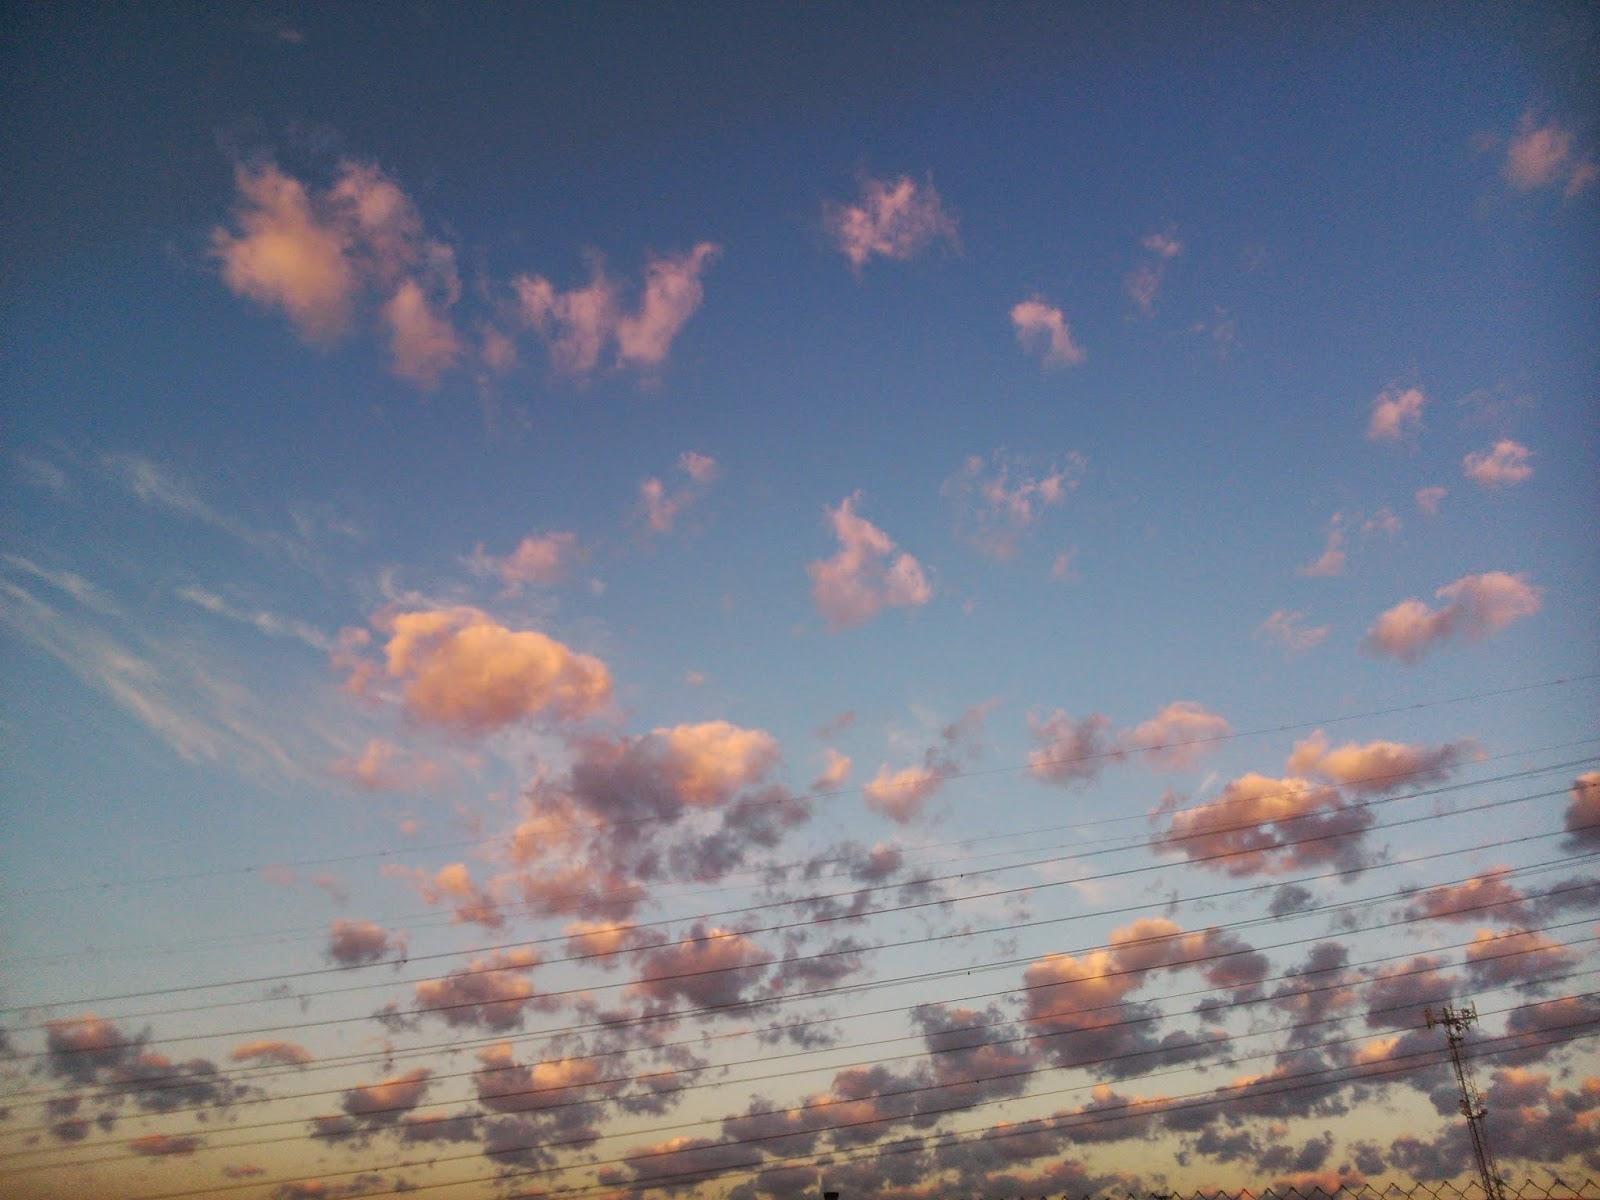 El blog de justo sotelo el cielo de madrid - El cielo de madrid ...